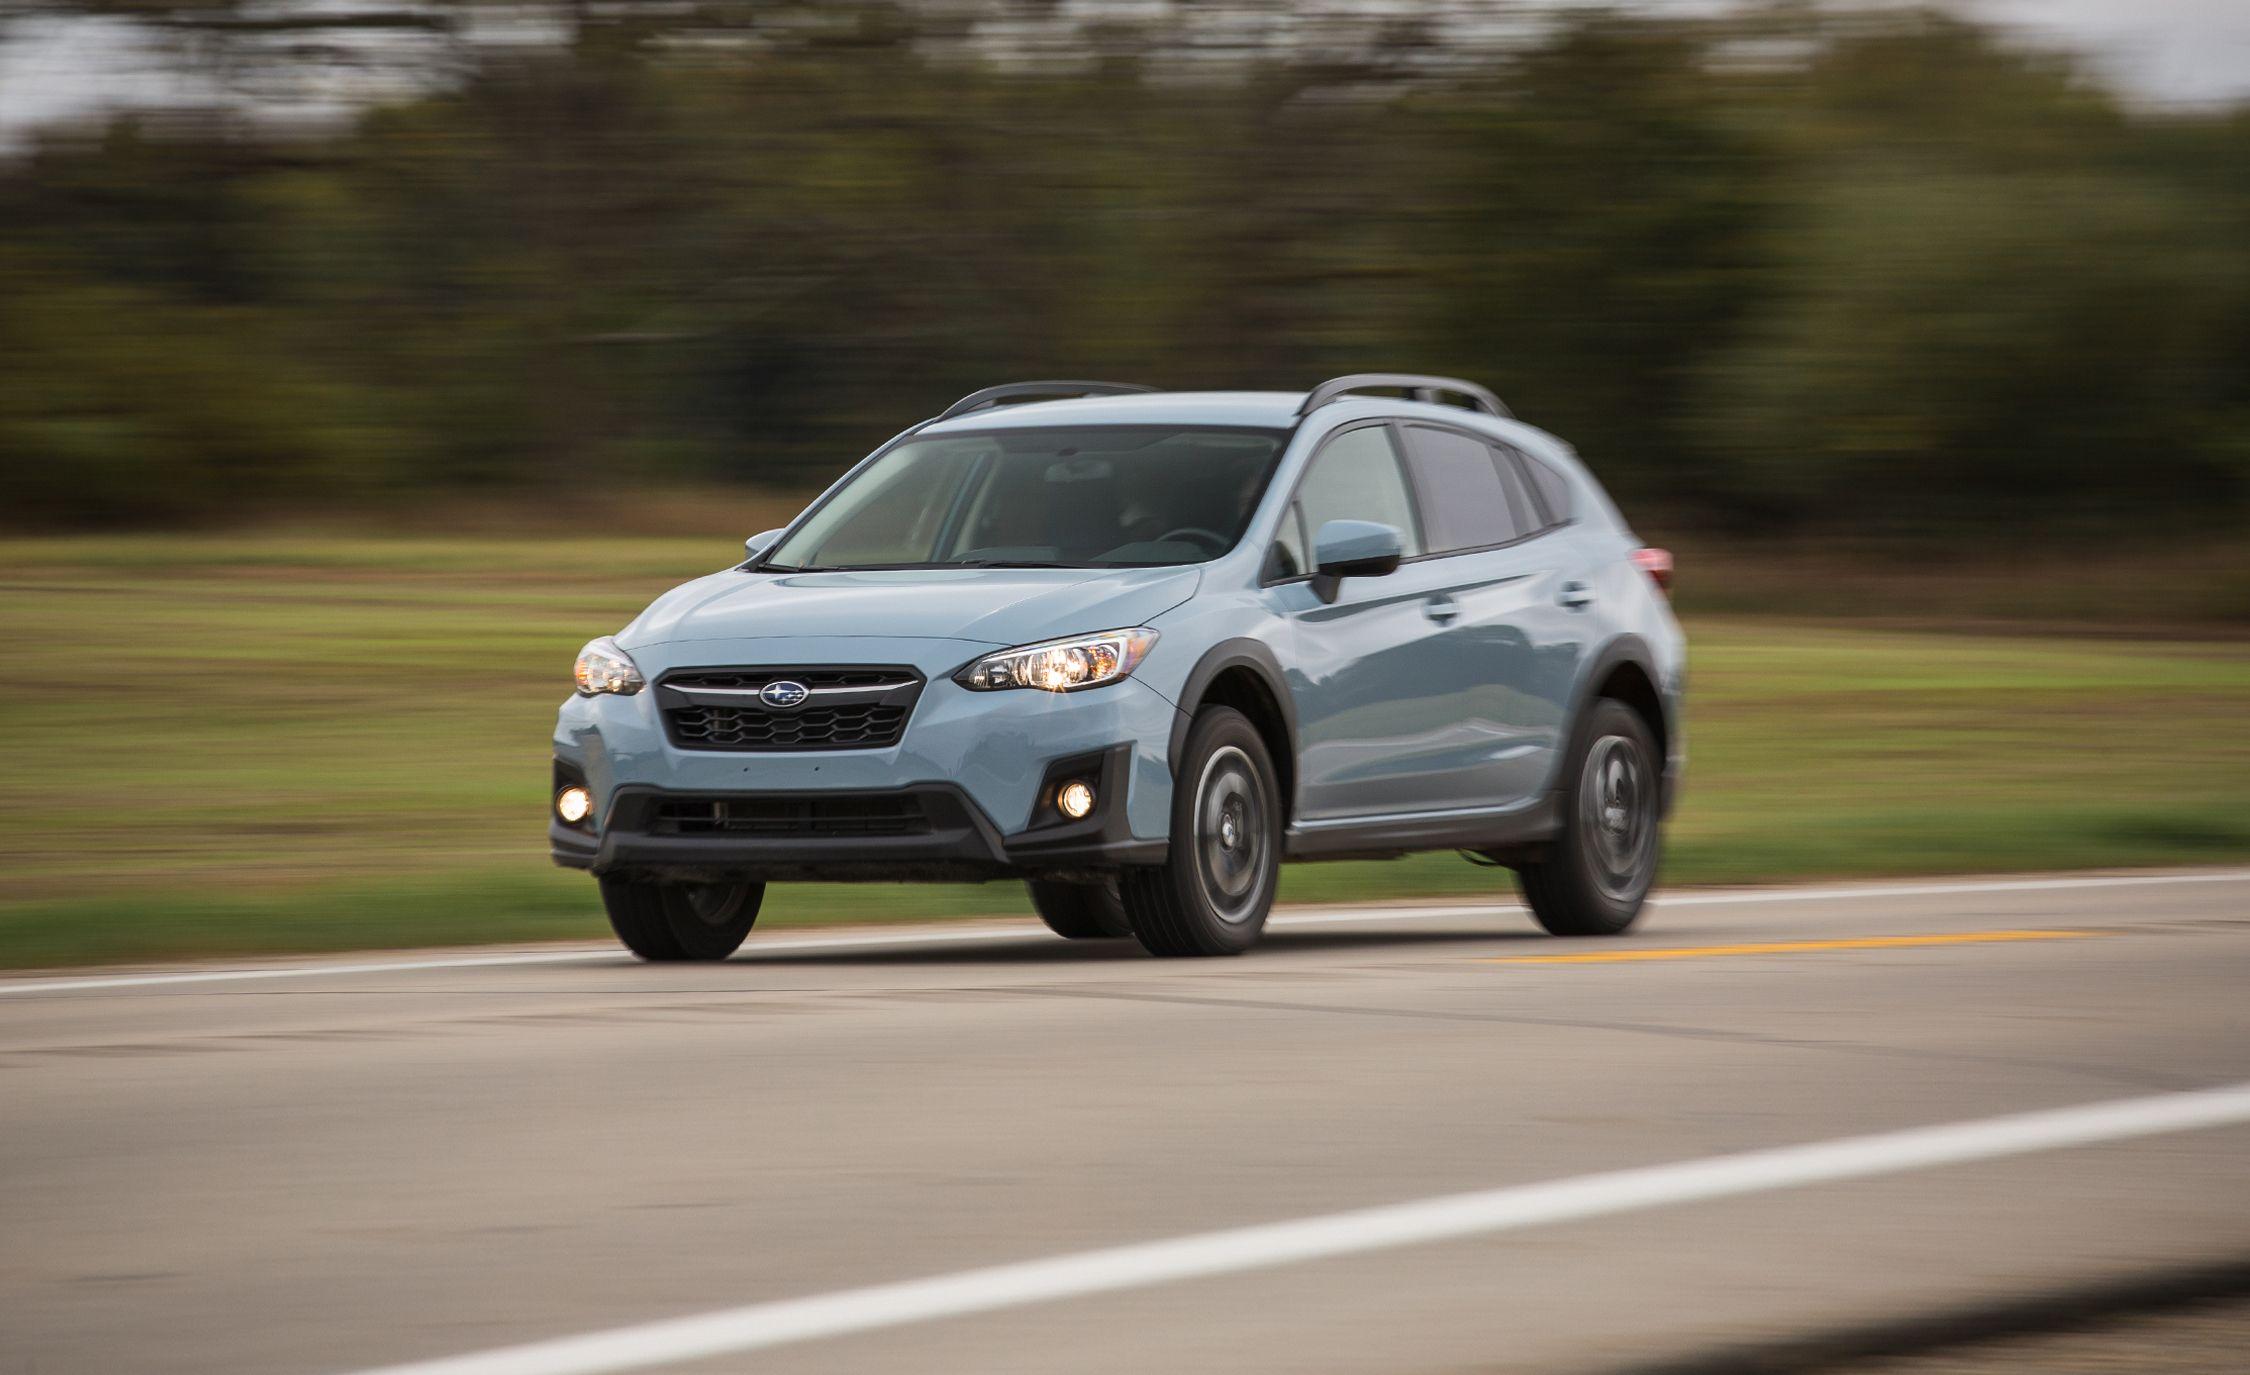 2018 subaru crosstrek manual test review car and driver rh caranddriver com Subaru Impreza Manual Subaru Impreza Manual